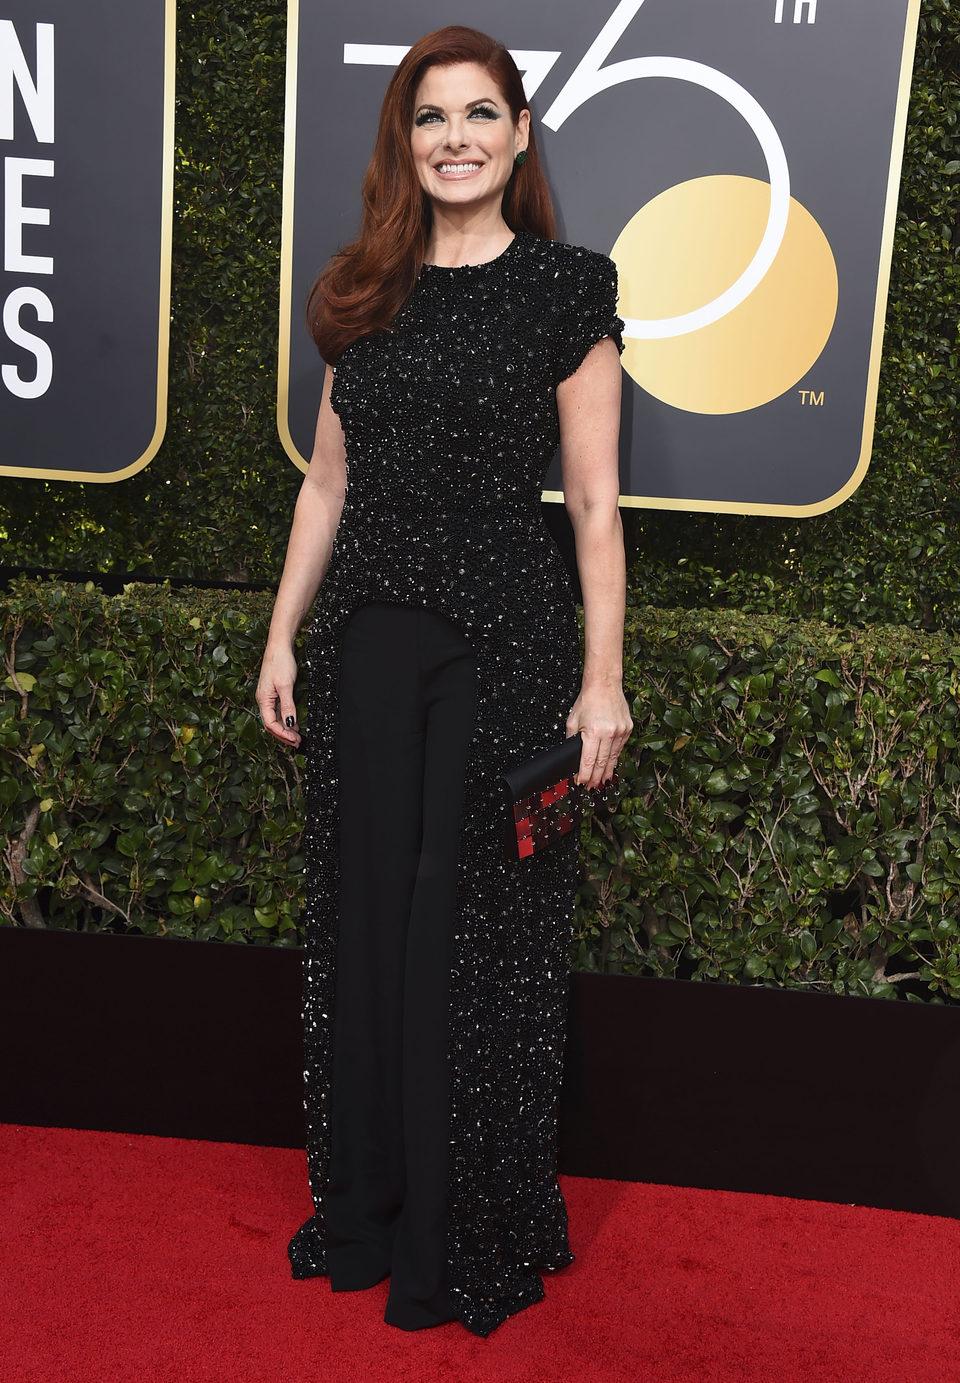 Debra Messing en la alfombra roja de los Globos de Oro 2018